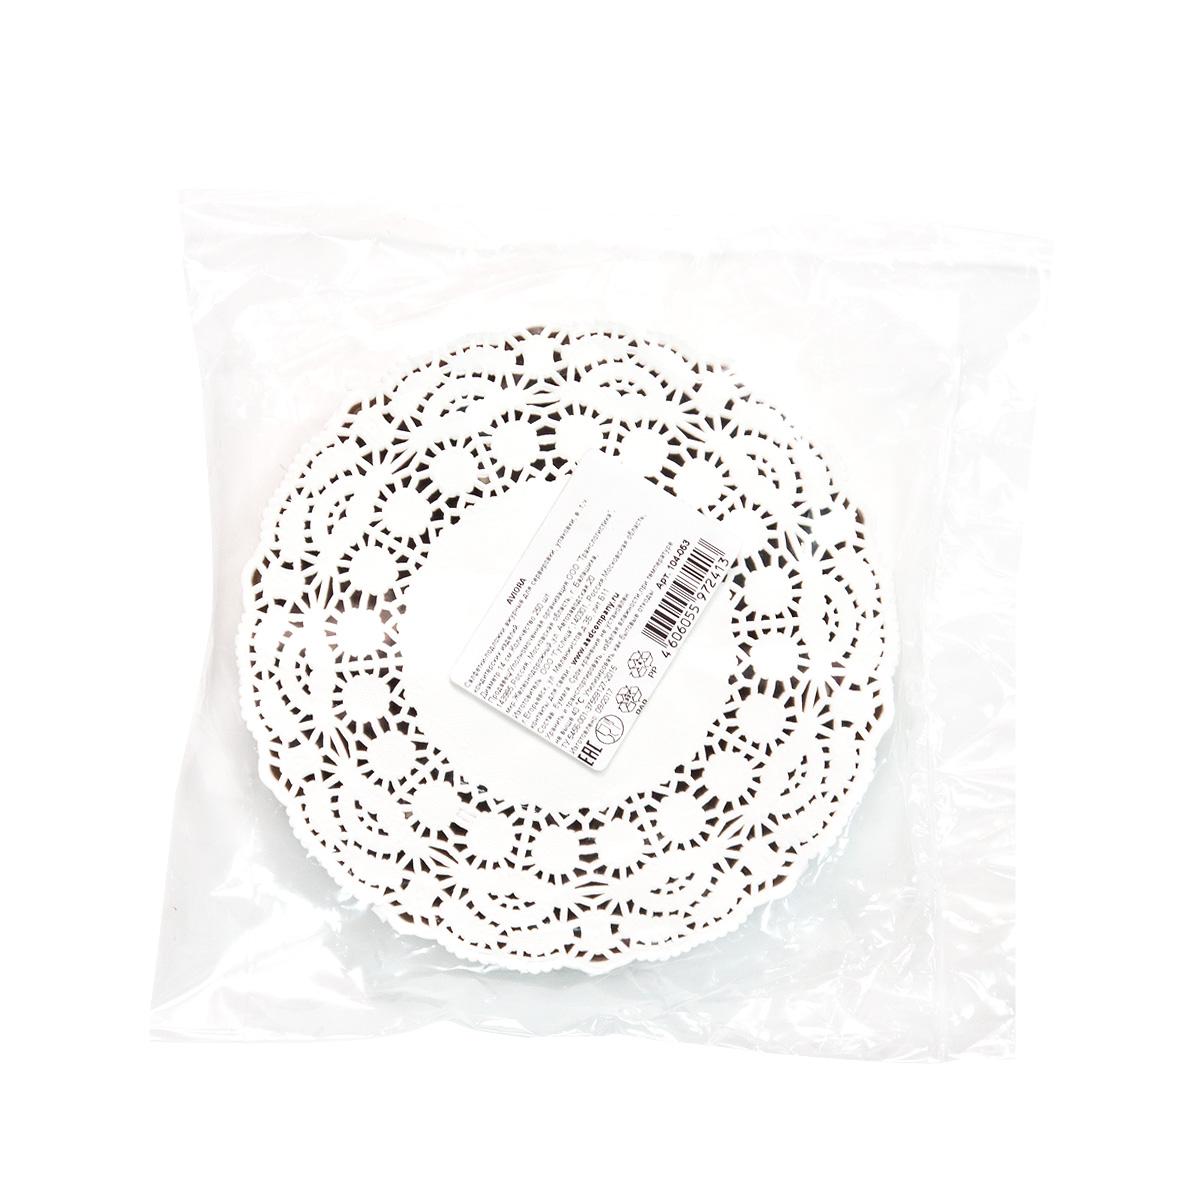 Салфетки бумажные Aviora, ажурные, диаметр 14 см, 250 шт104-053 Произведены в России безопасные при контакте с пищей изысканный узор по контуру салфетокПредназначены для сервировки стола.Используются для красивой подачи тортов и пирожных. Оригинально смотрятся столовые приборы. Небольшие диаметры используются для подачи чая / кофе.